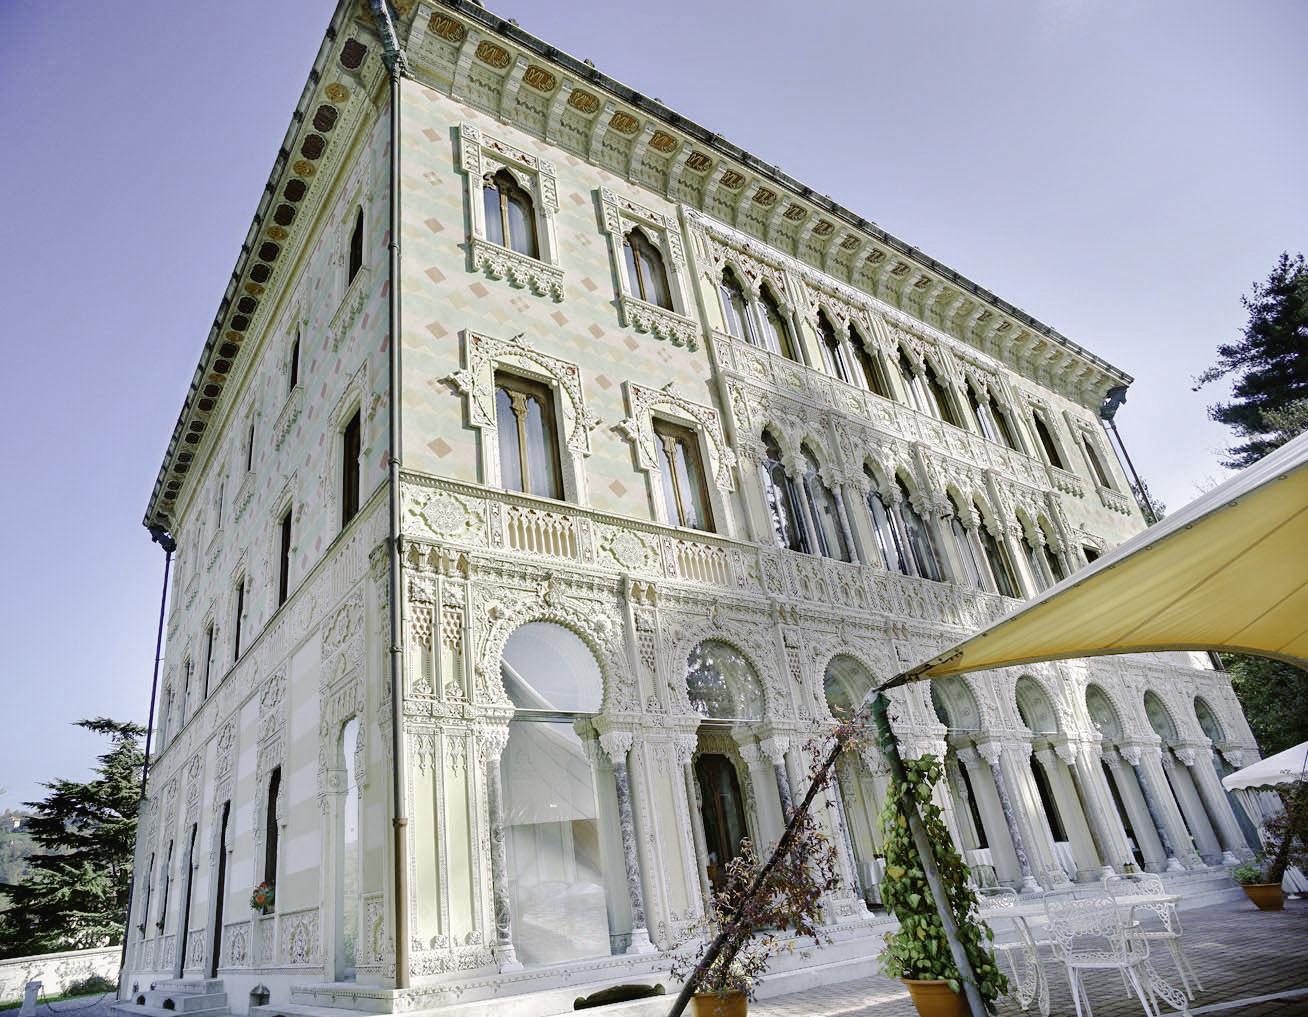 Façade of Villa Crespi on Lake Orta